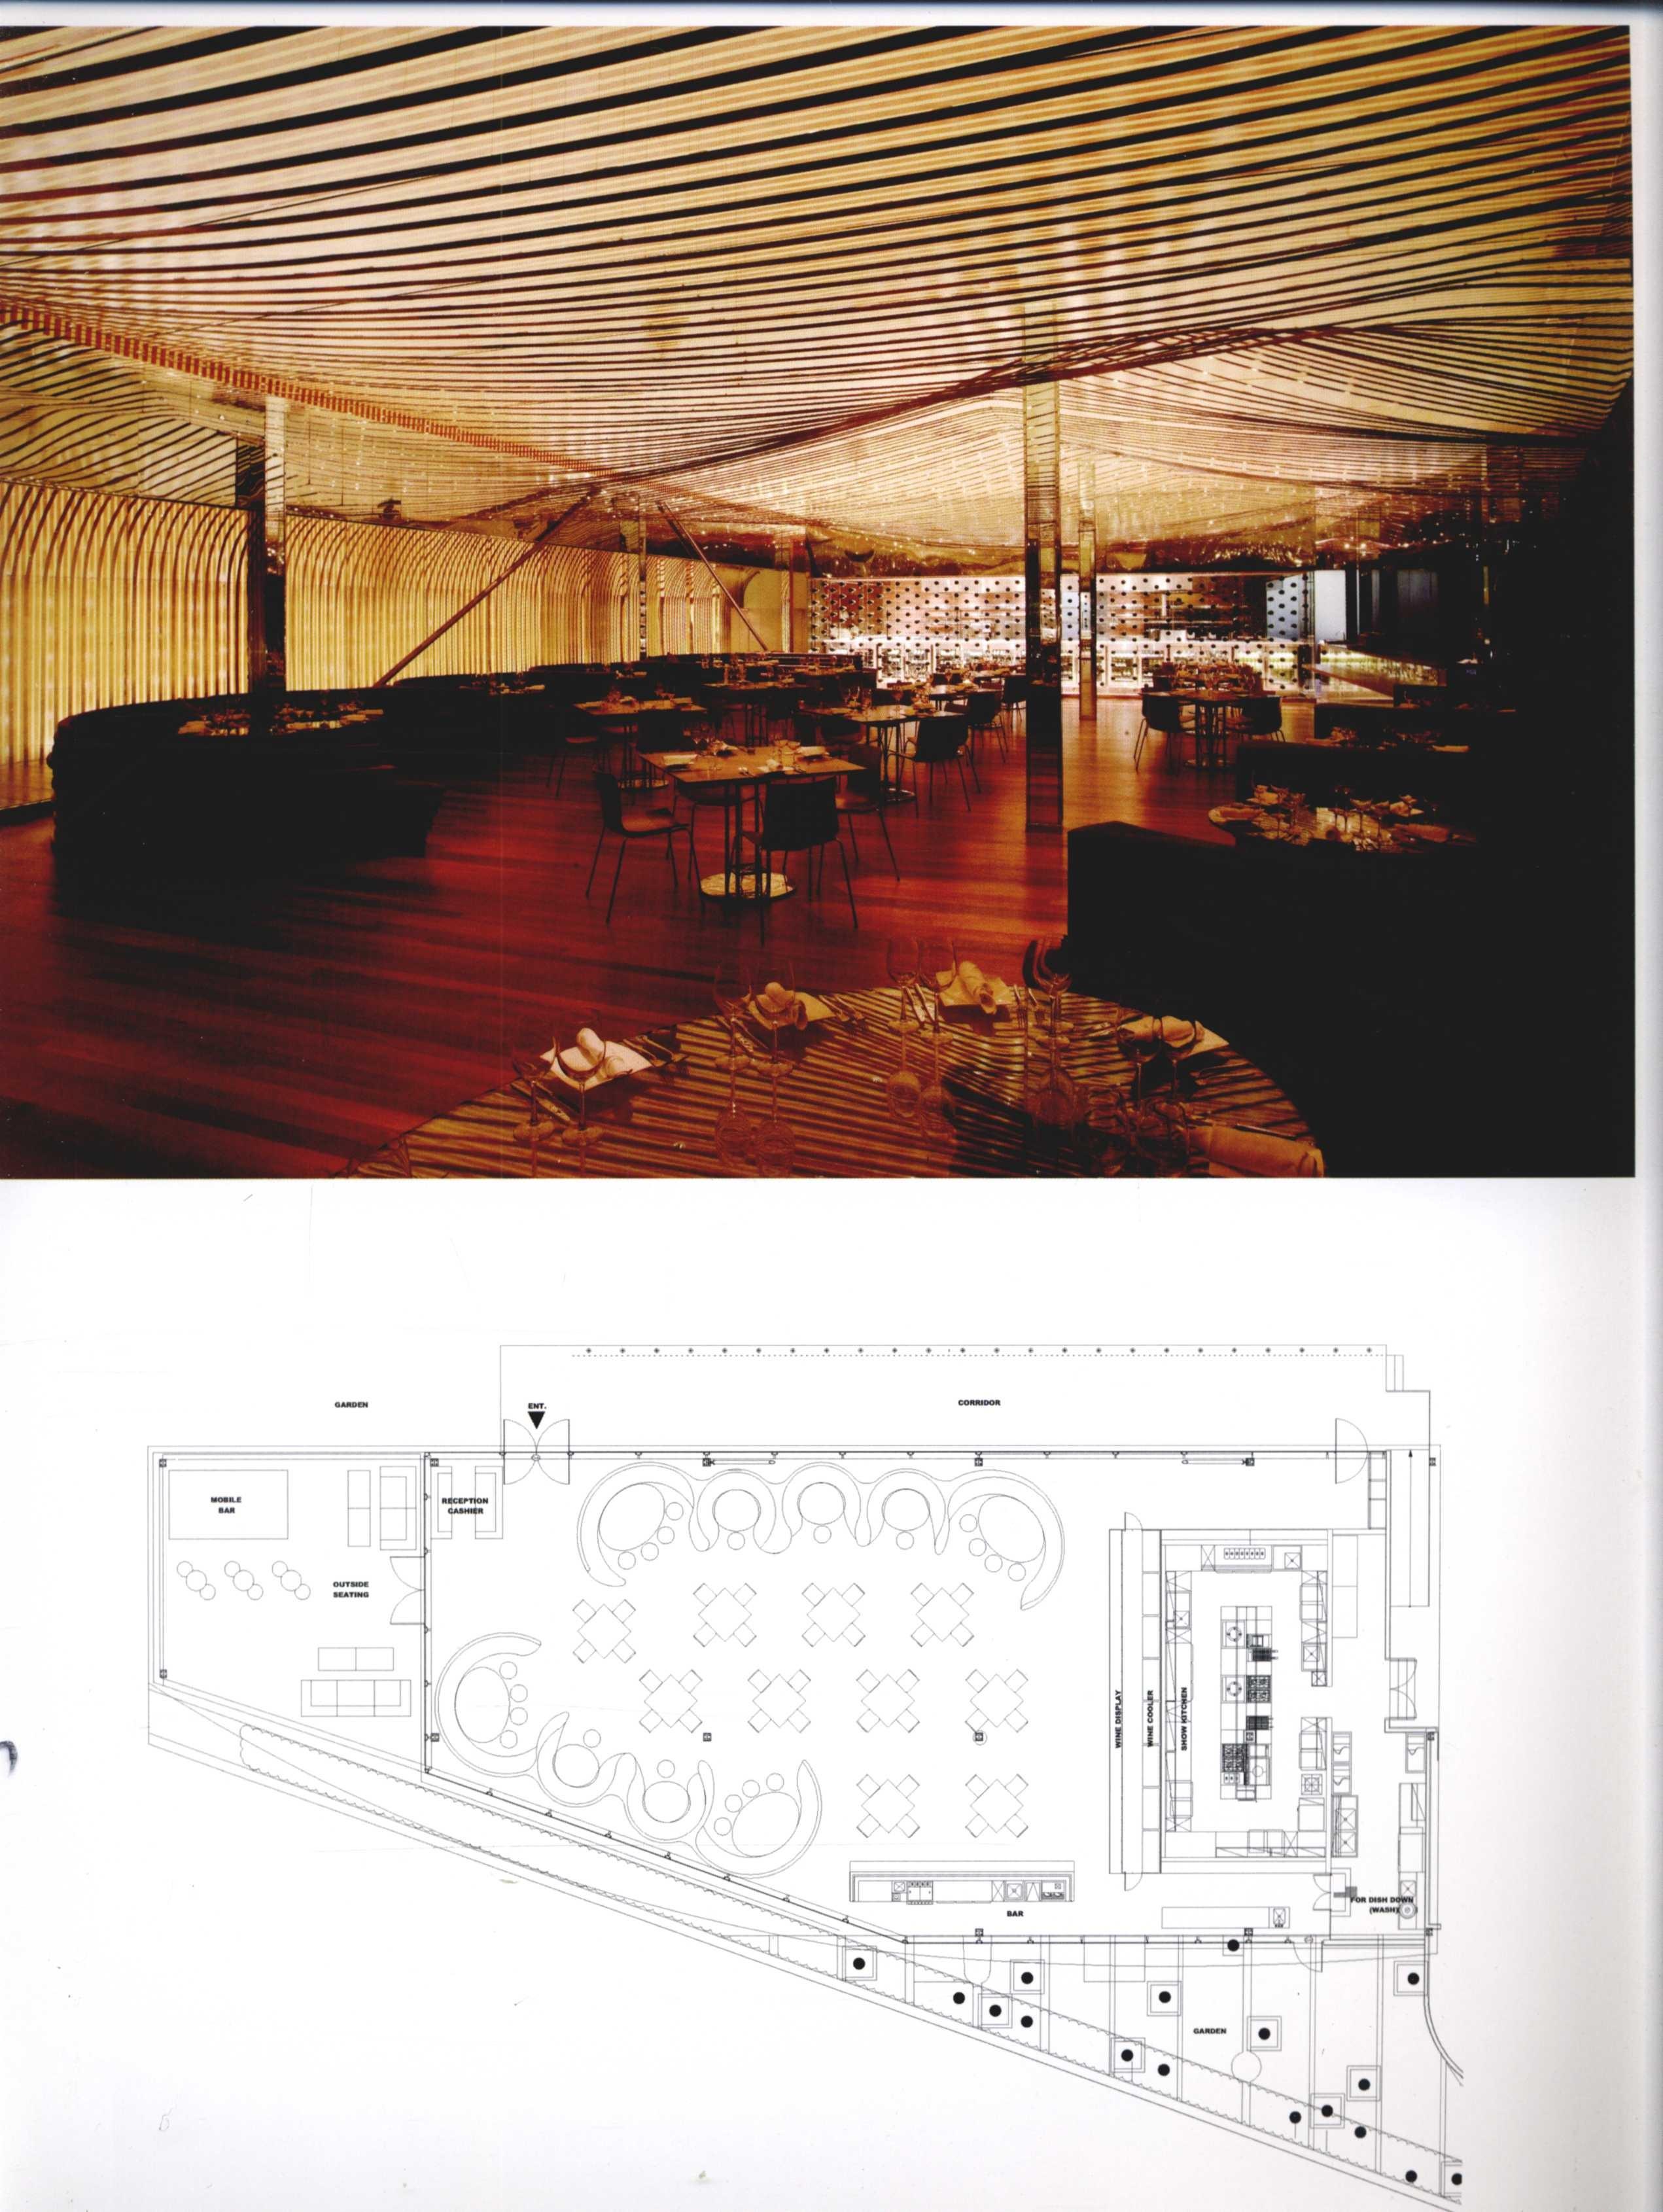 2012全球室内设计年鉴  餐饮_Page_111.jpg